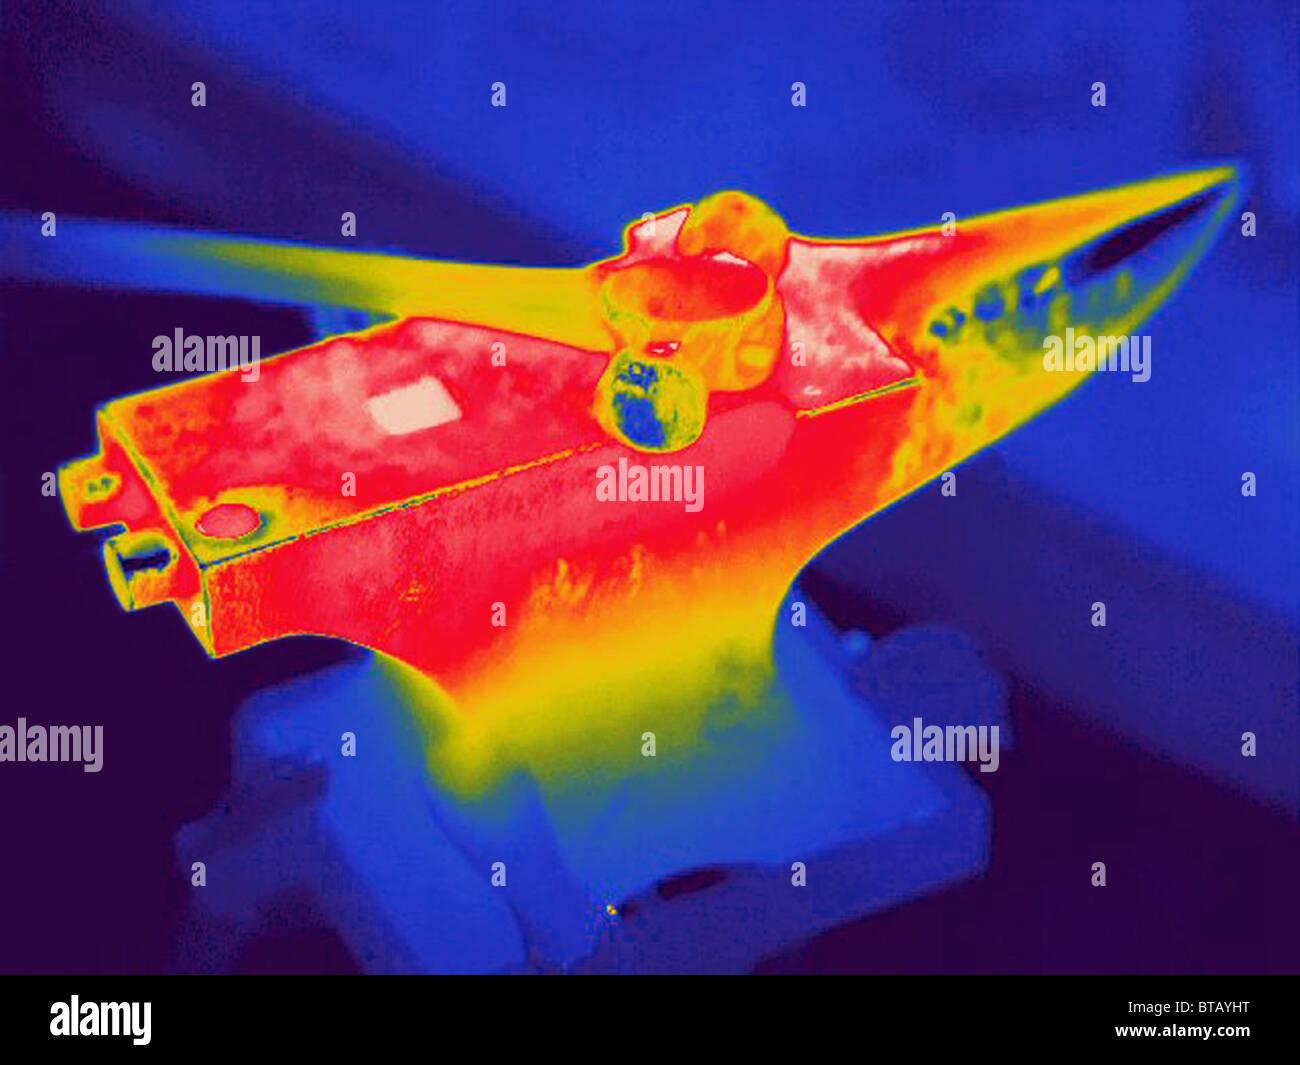 Image thermique d'un marteau et enclume Photo Stock